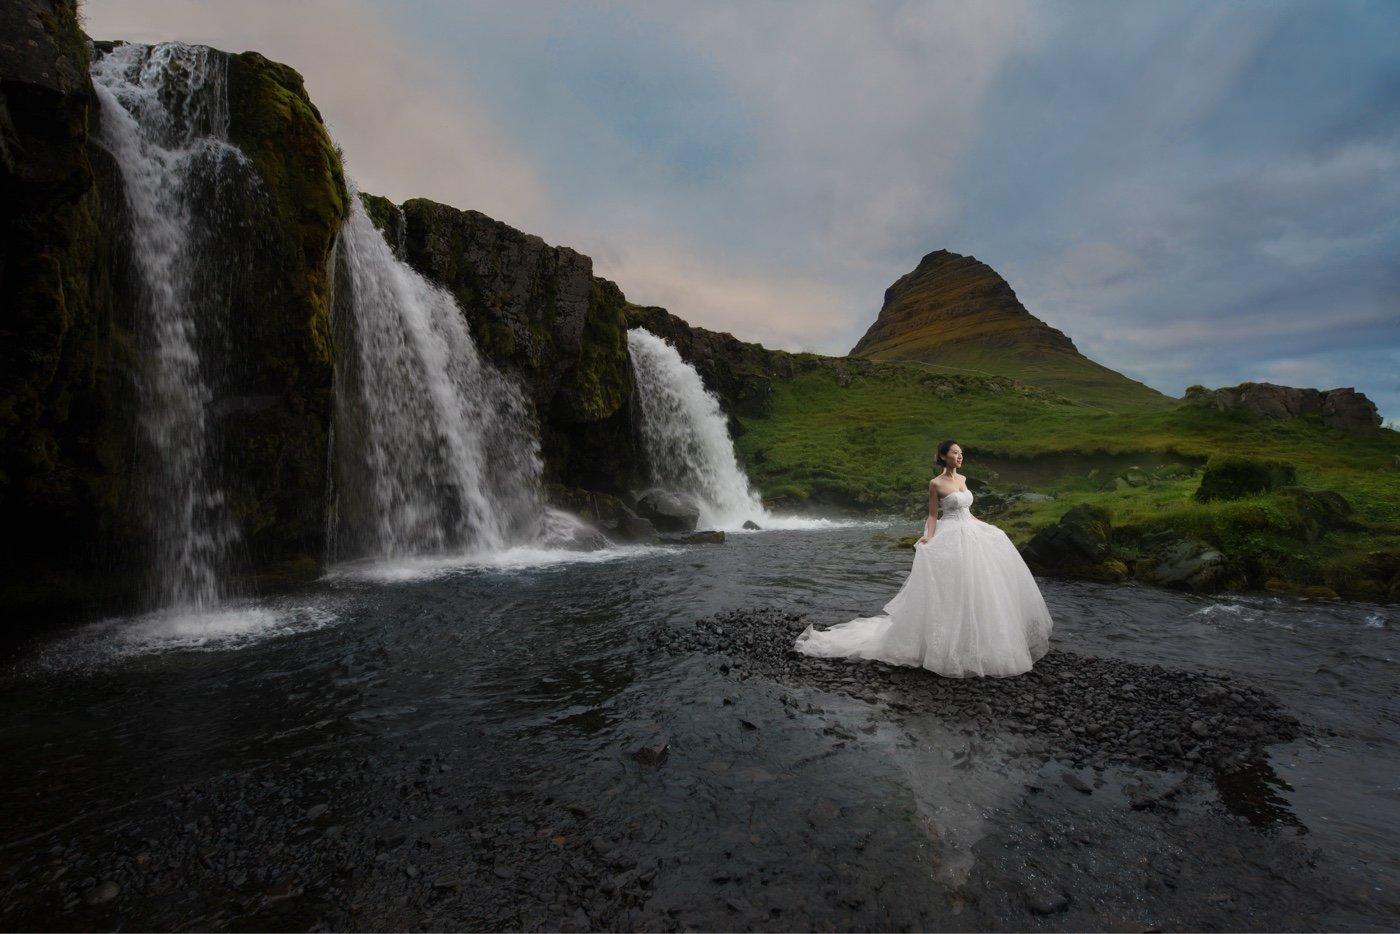 MoFoTo 冰岛婚纱旅拍47